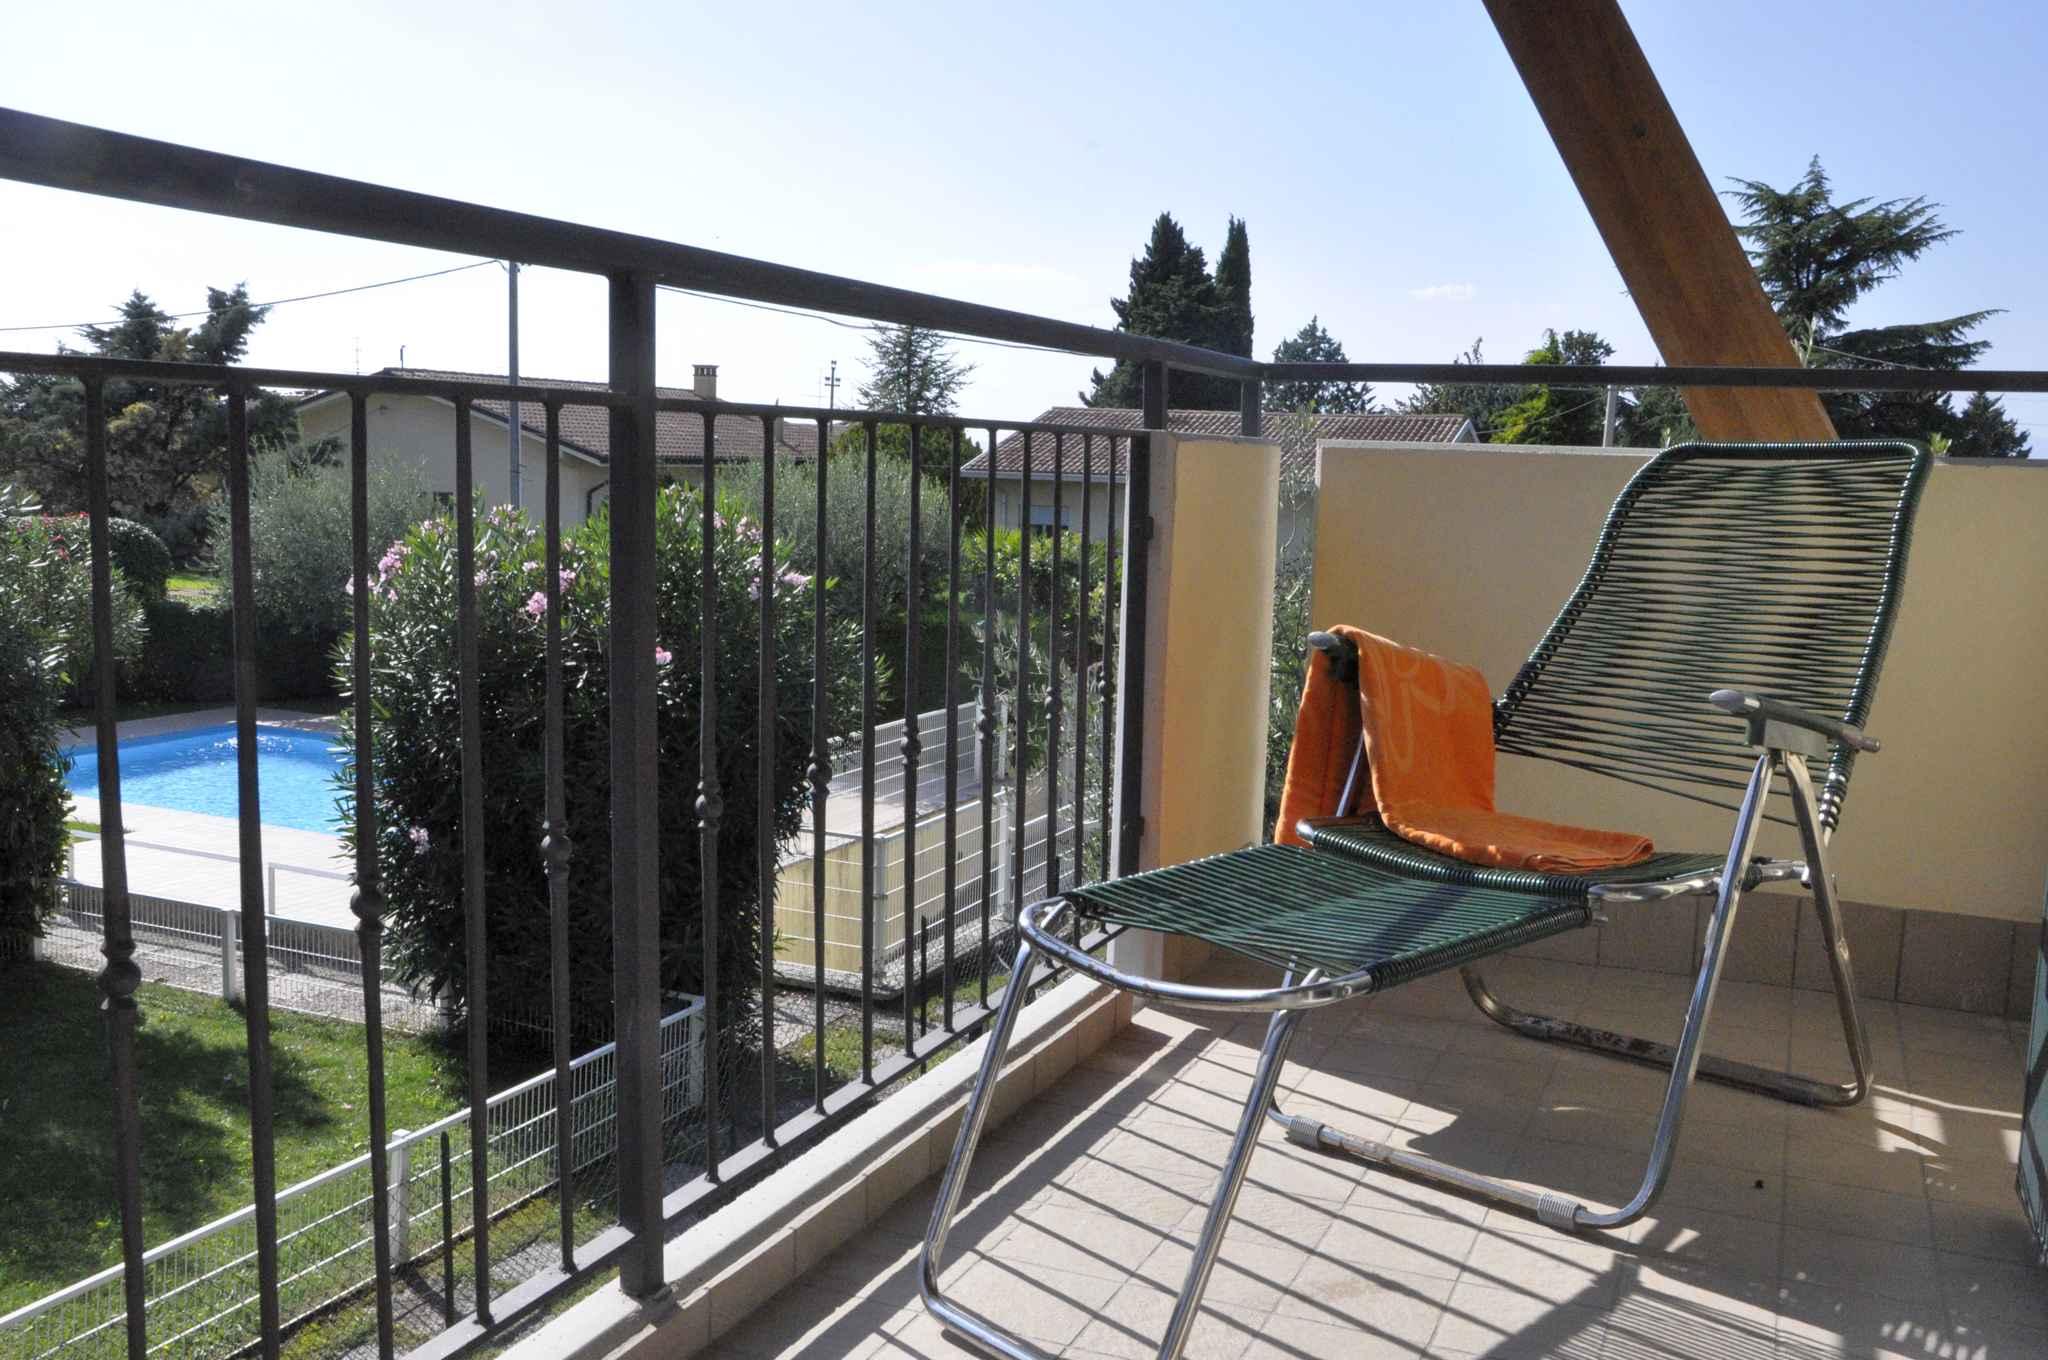 Ferienwohnung mit Pool (485665), Lazise, Gardasee, Venetien, Italien, Bild 5